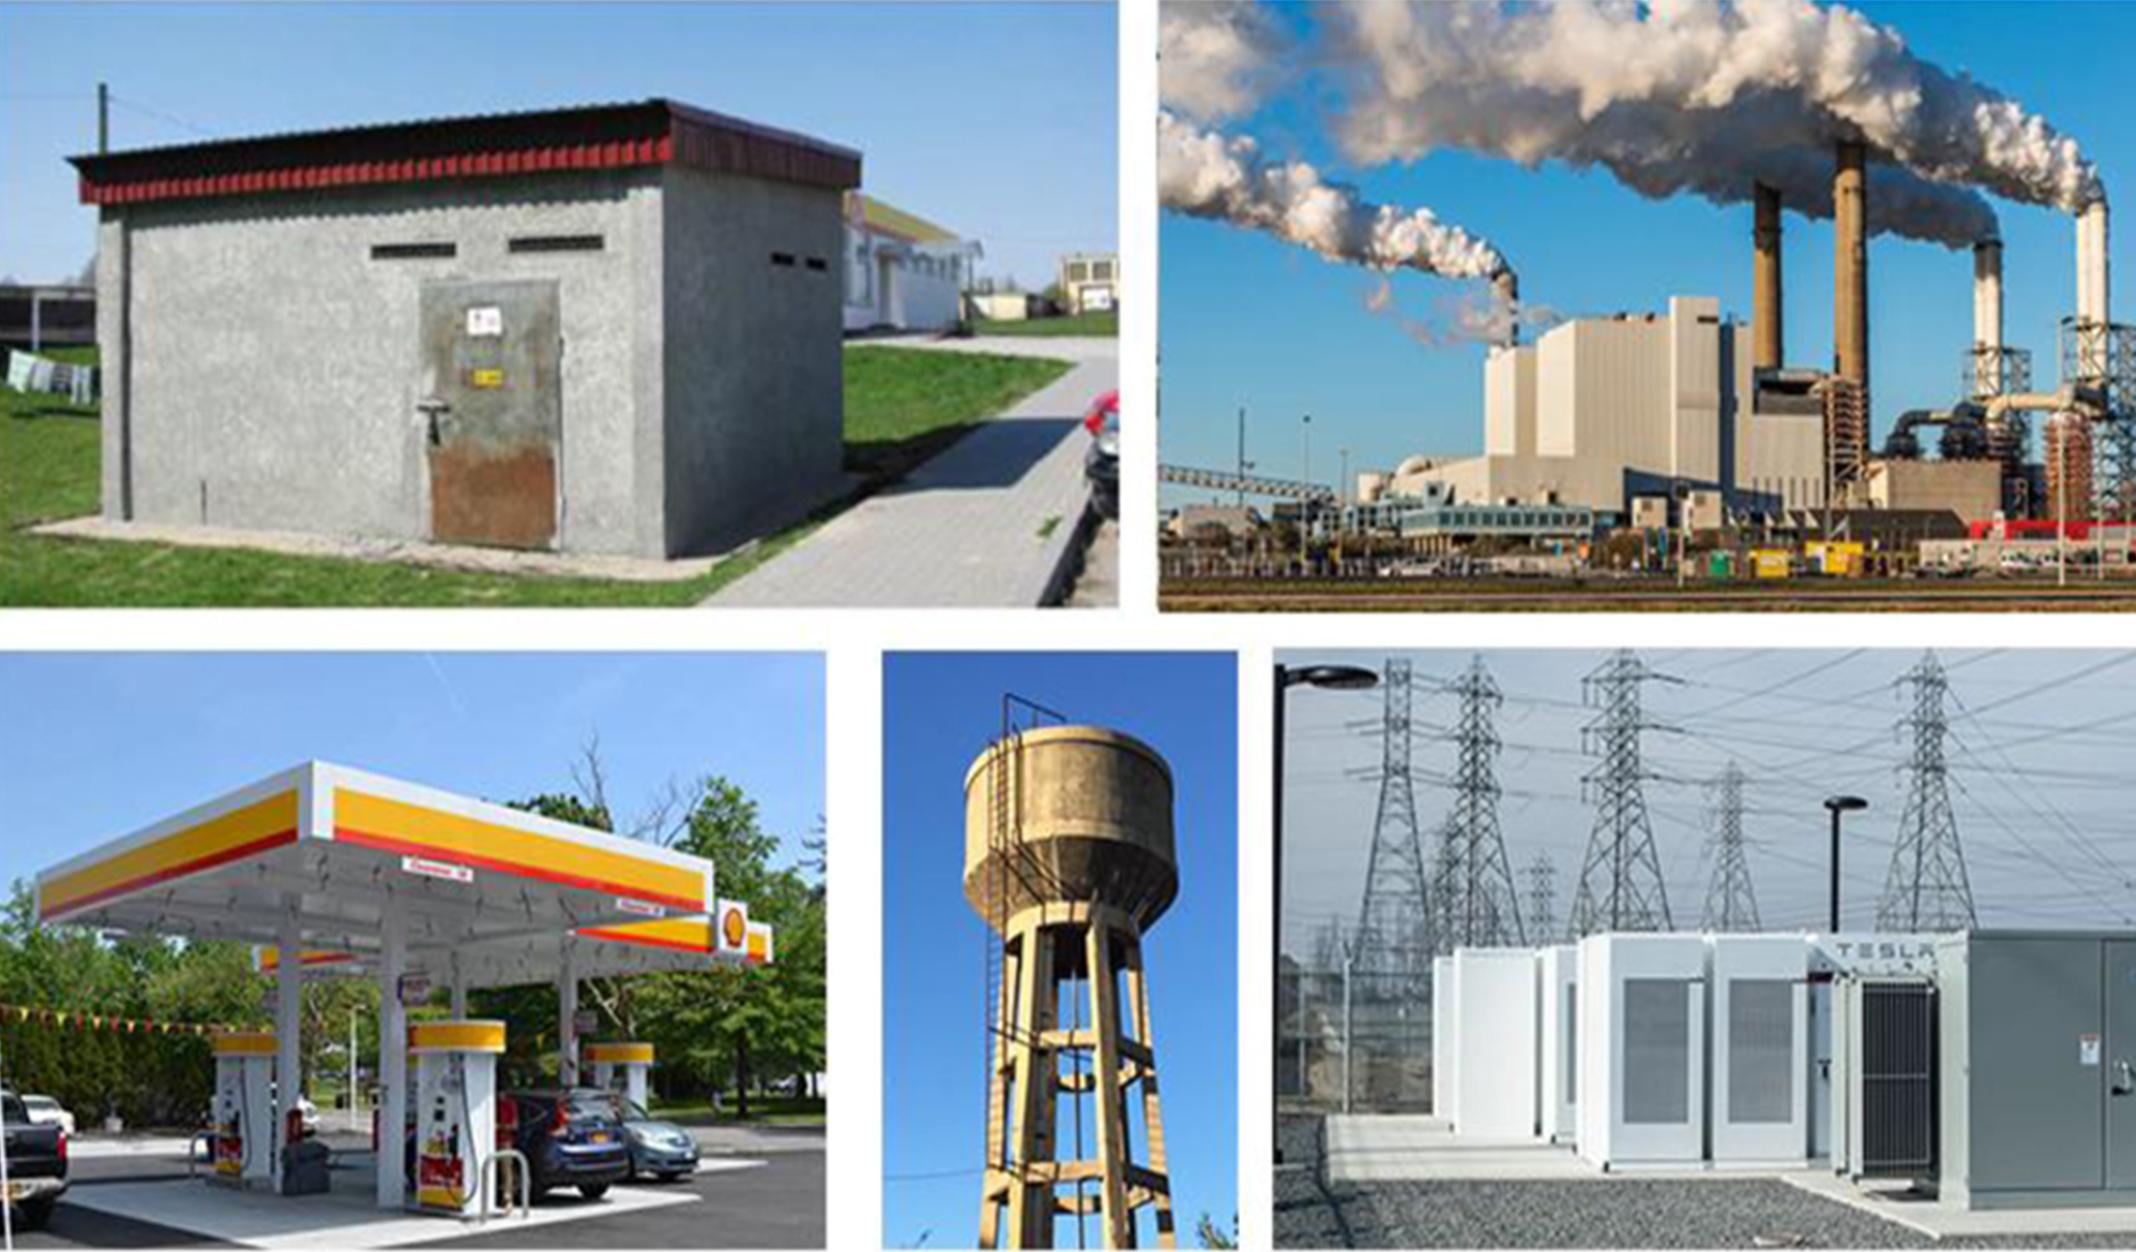 MJZ_Public Utility-Structures